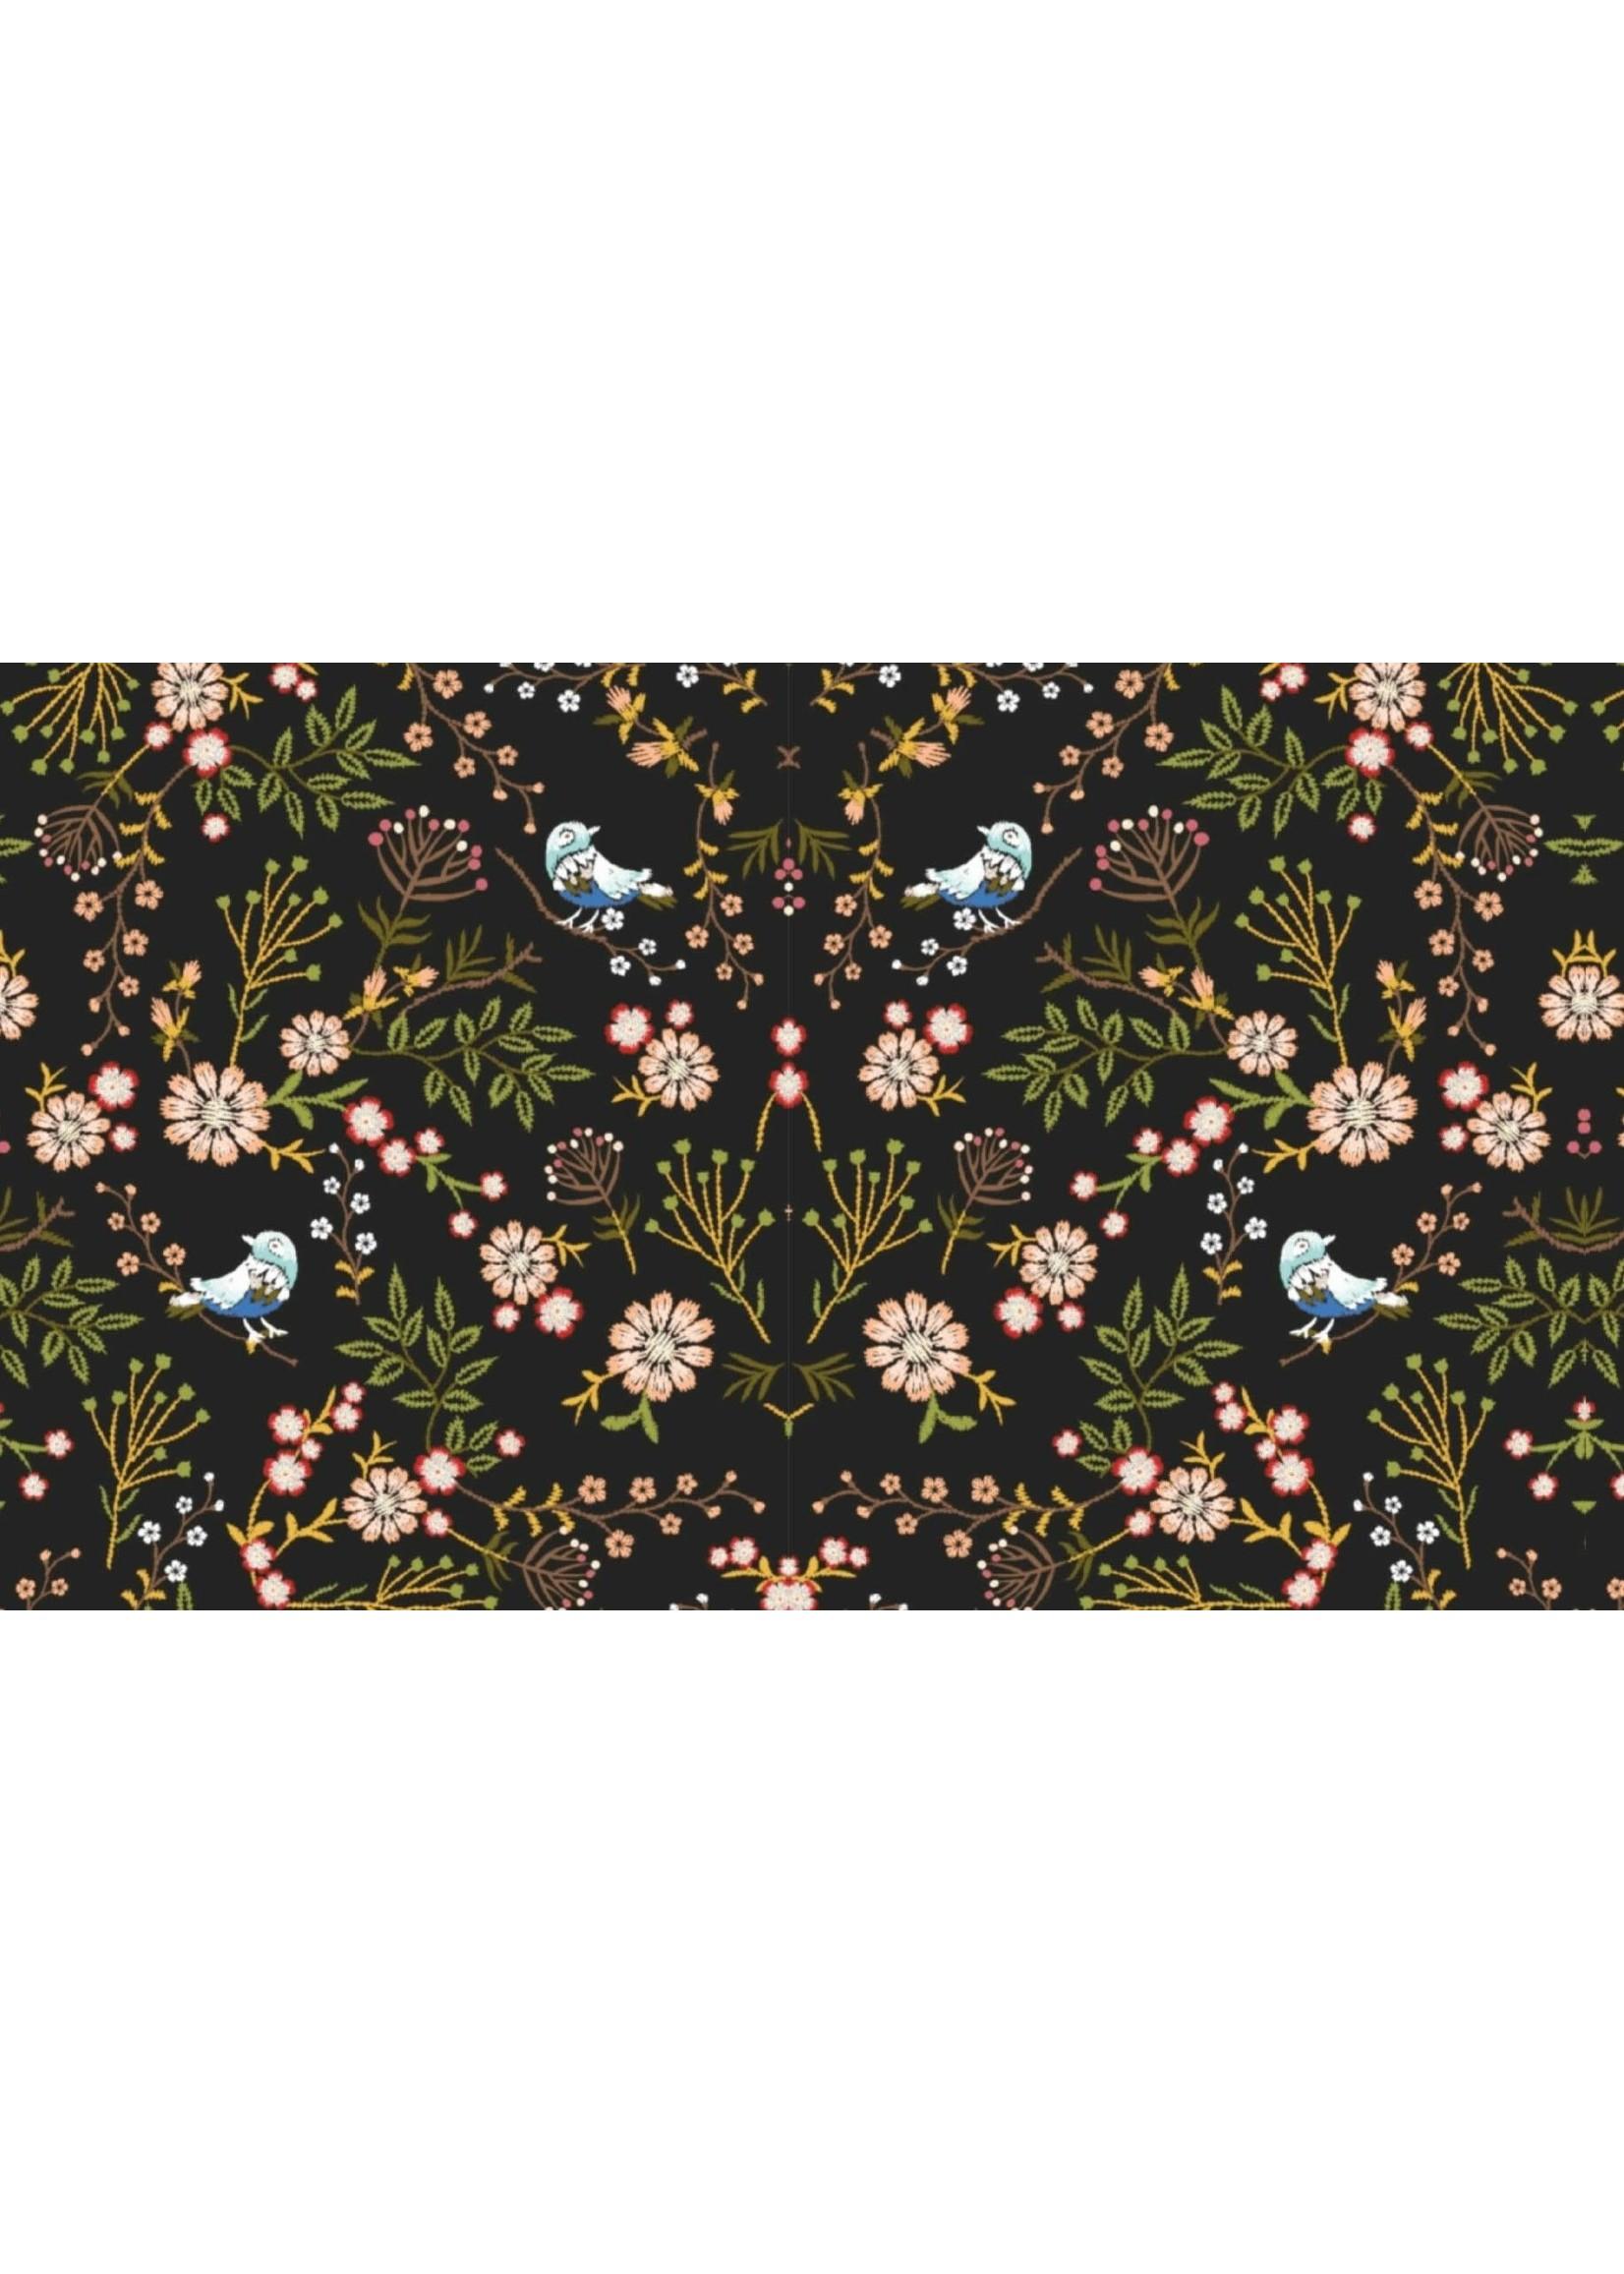 Mutsaers Textiles Alpensweat Jeans Flowers